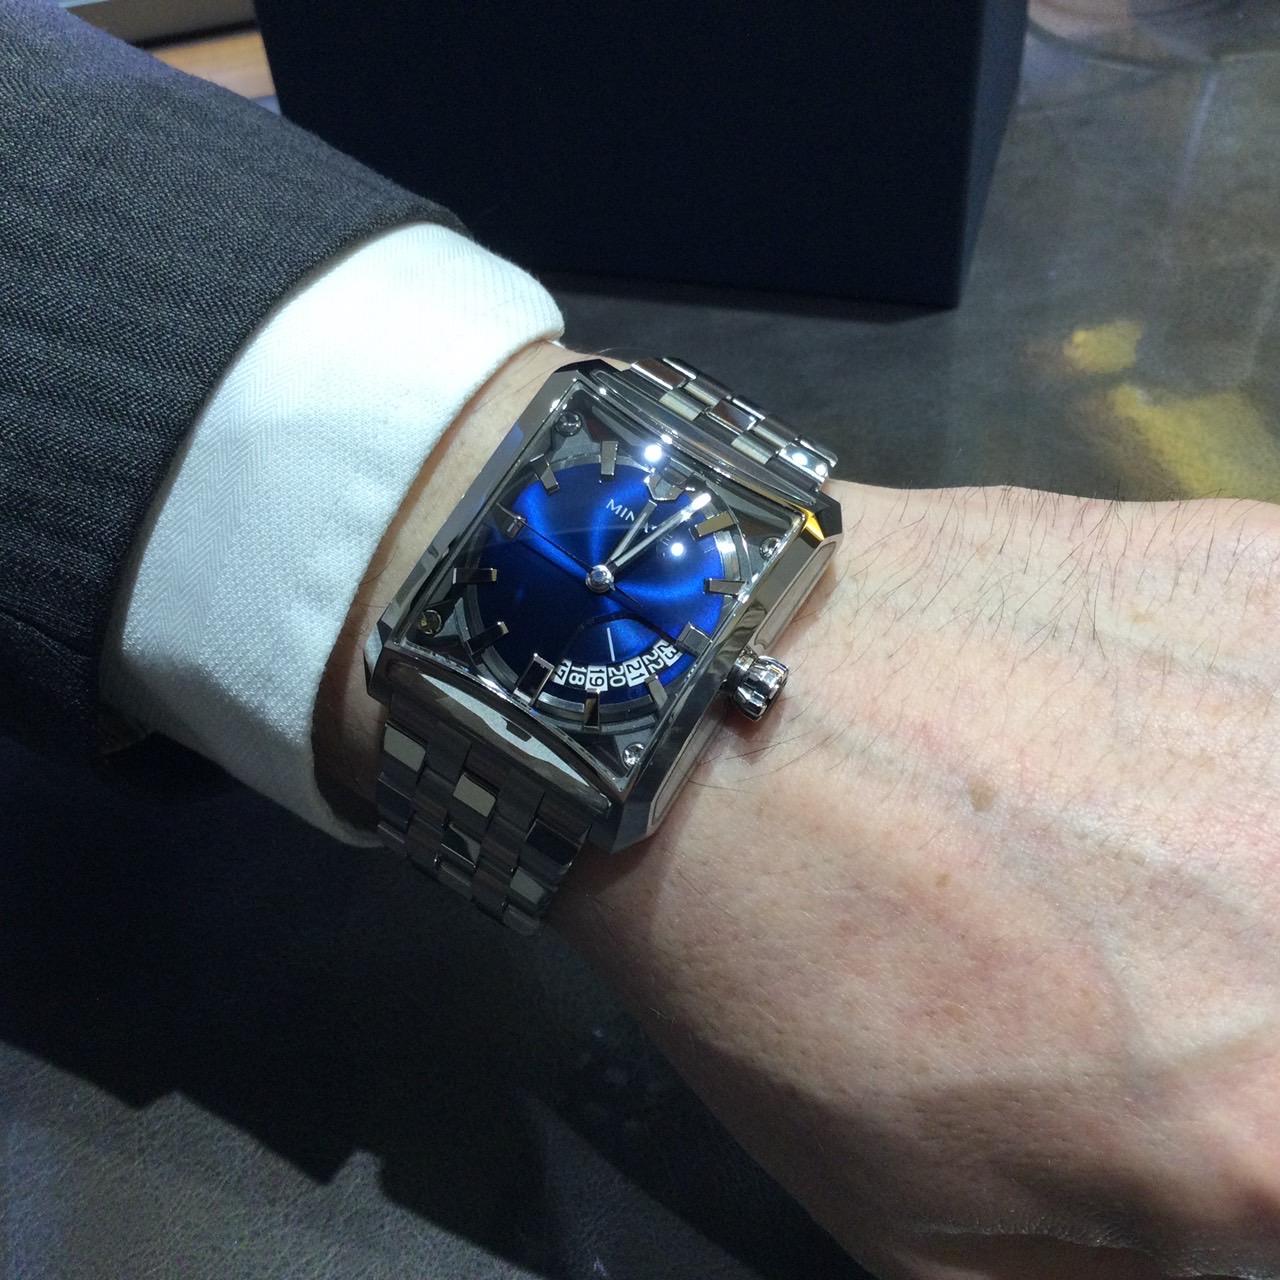 ミナセのお時計をお買い上げ頂きまして、有難うございます! 画像2